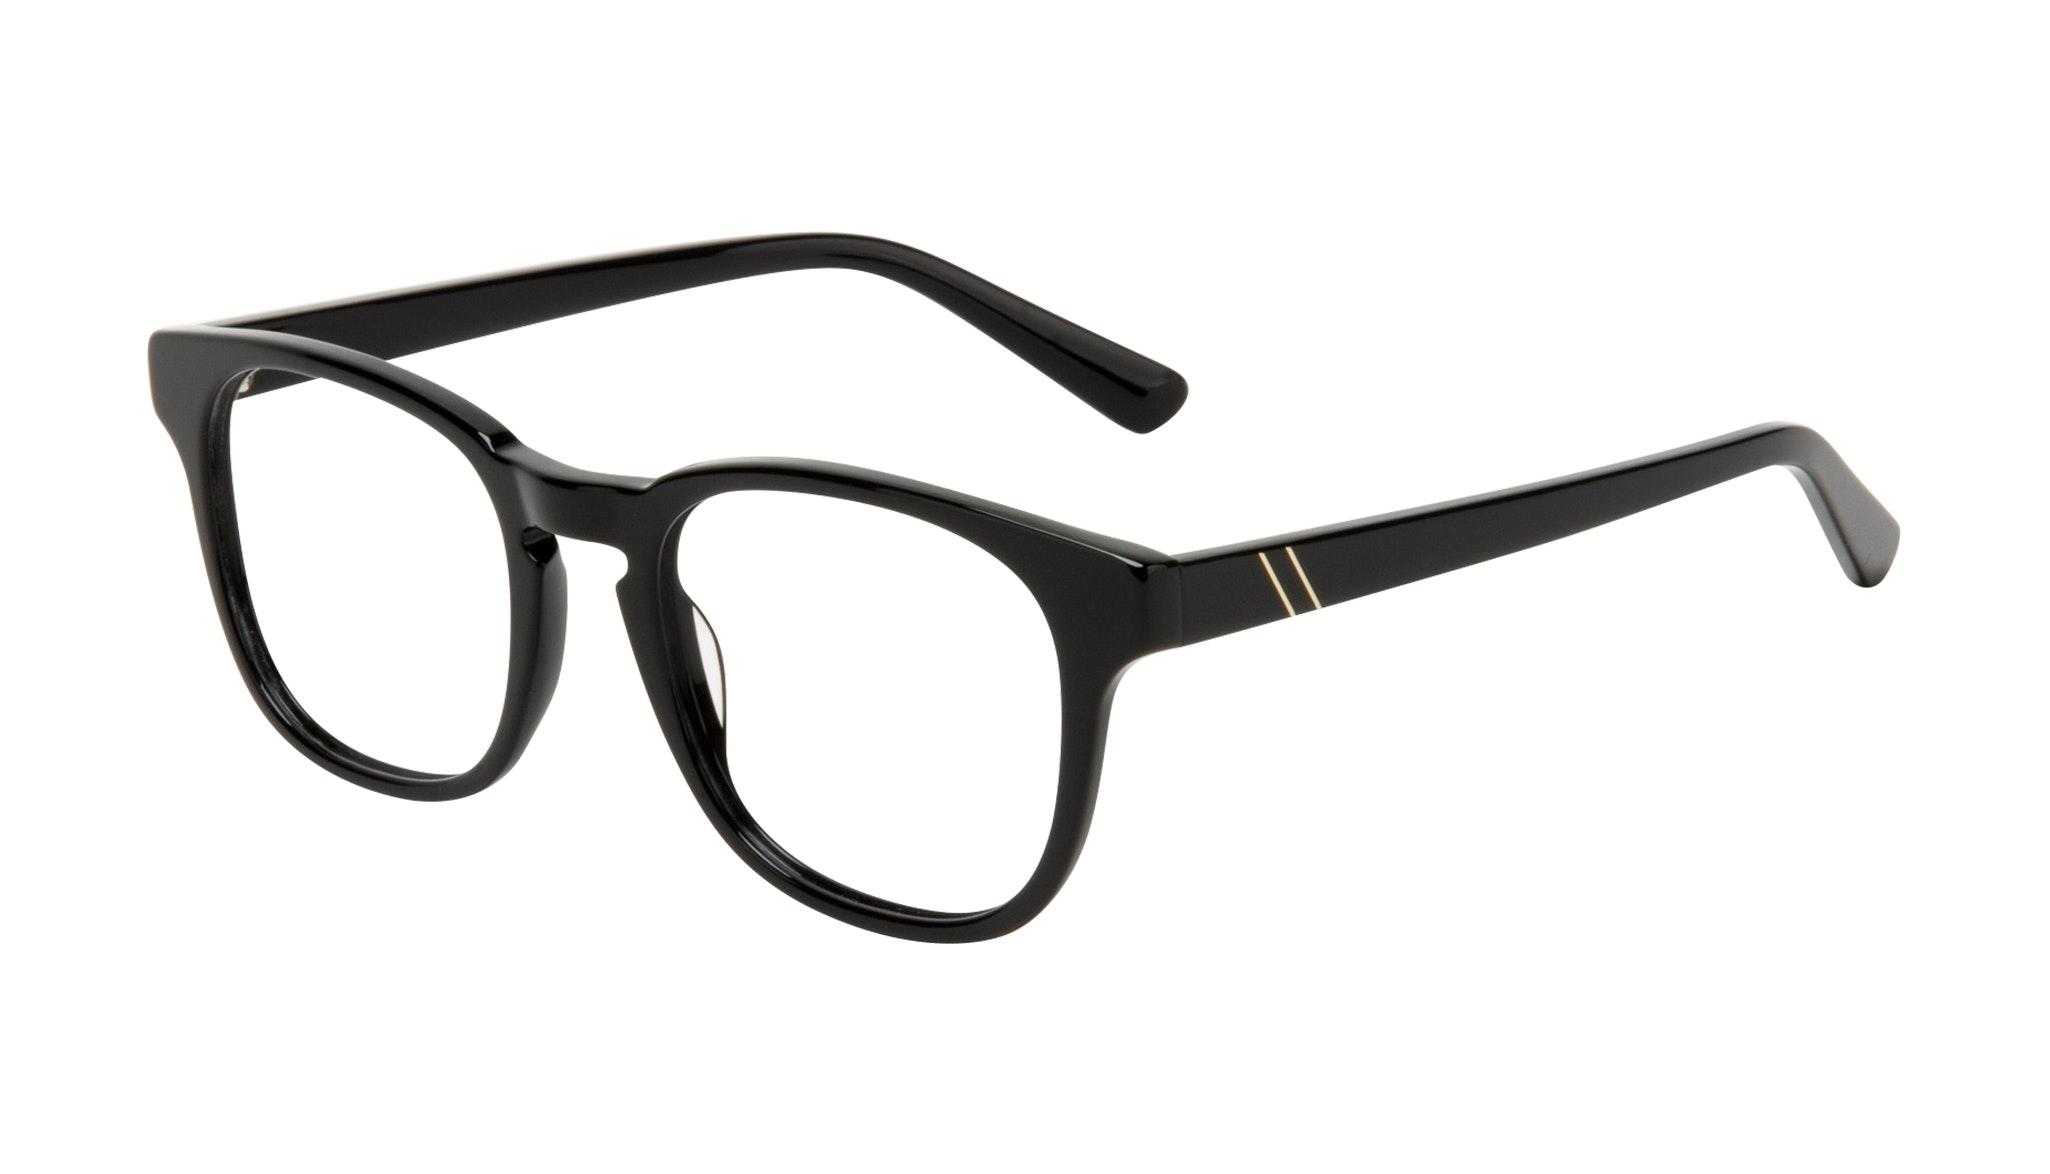 Affordable Fashion Glasses Square Eyeglasses Men Outline Black Tort Tilt